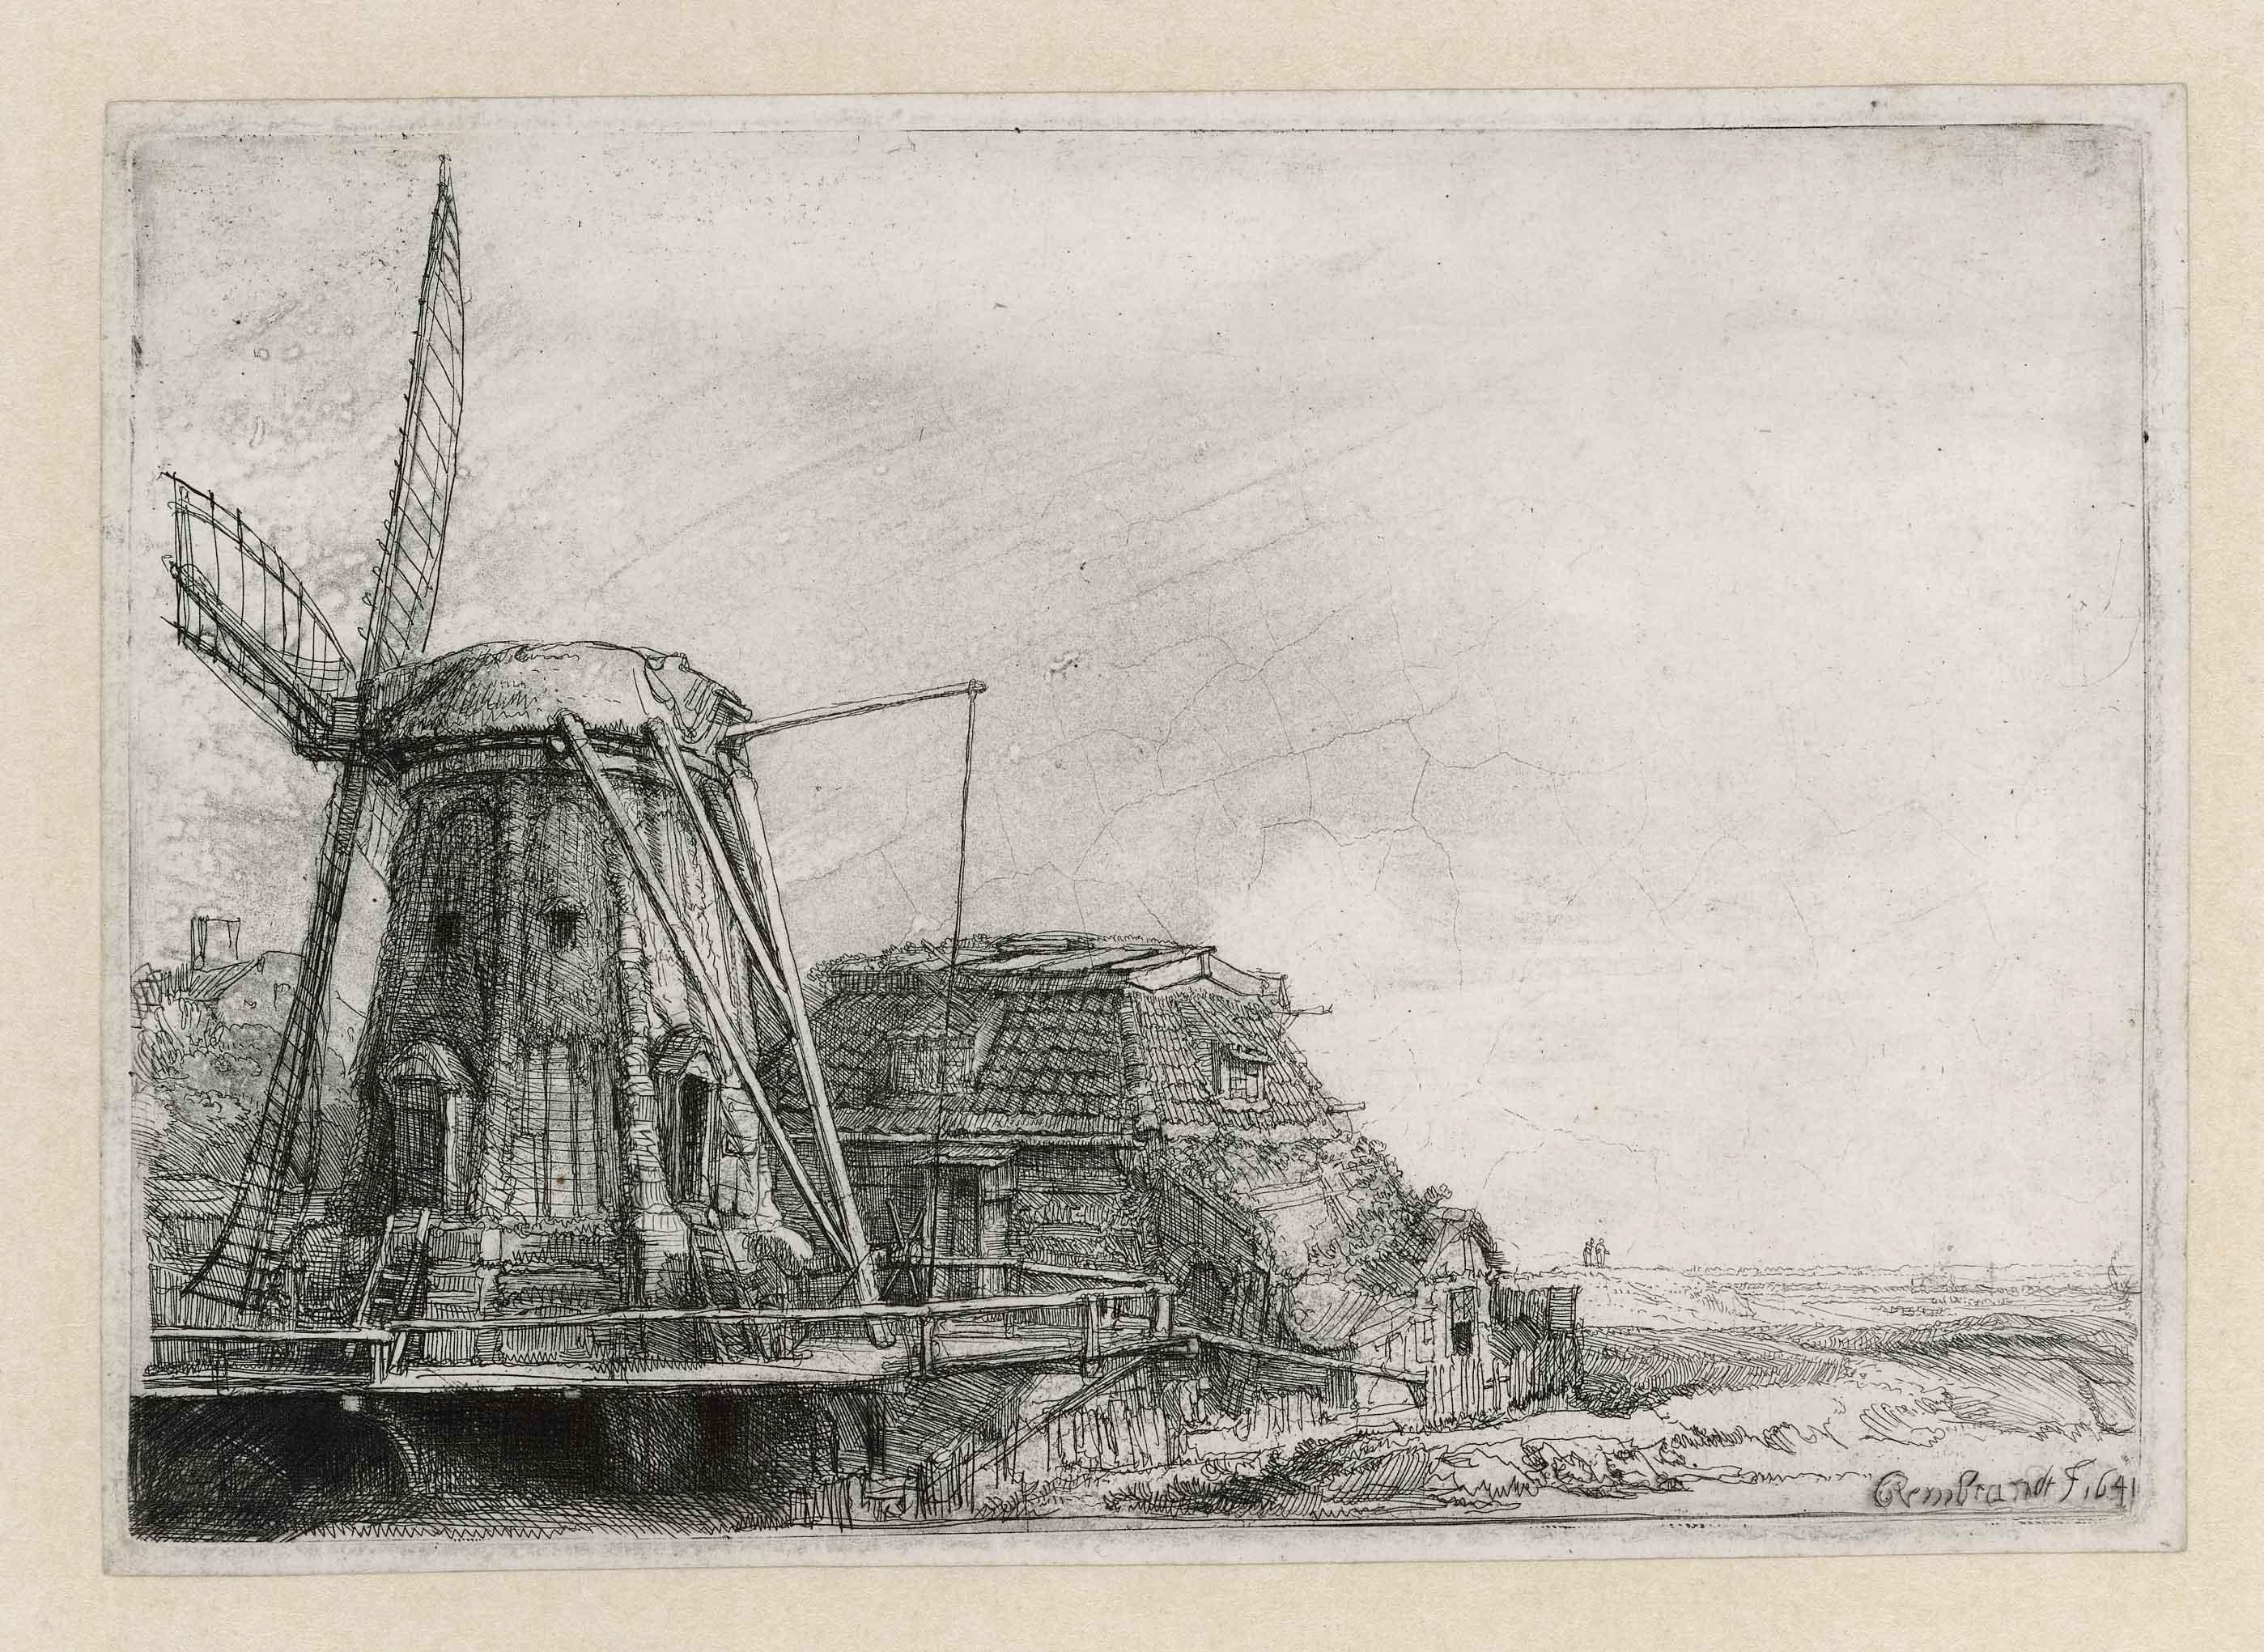 Rembrandt, De molen, 1641. Ets, enige staat. Museum Het Rembrandthuis, Amsterdam